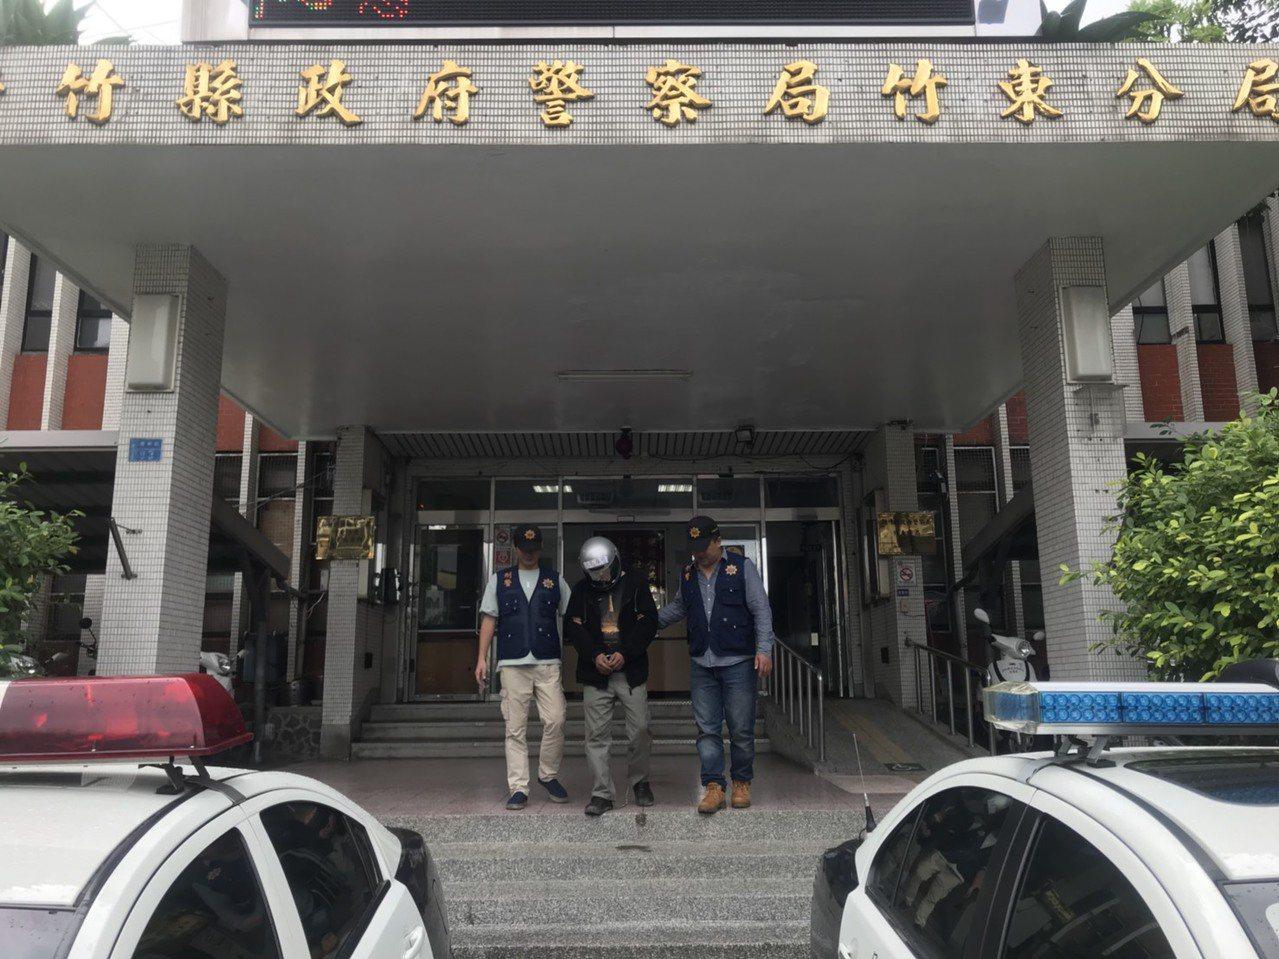 黃嫌缺錢買毒,竟偷大貨車內的無線電再變賣,最後被警方查獲。圖/竹東警分局提供